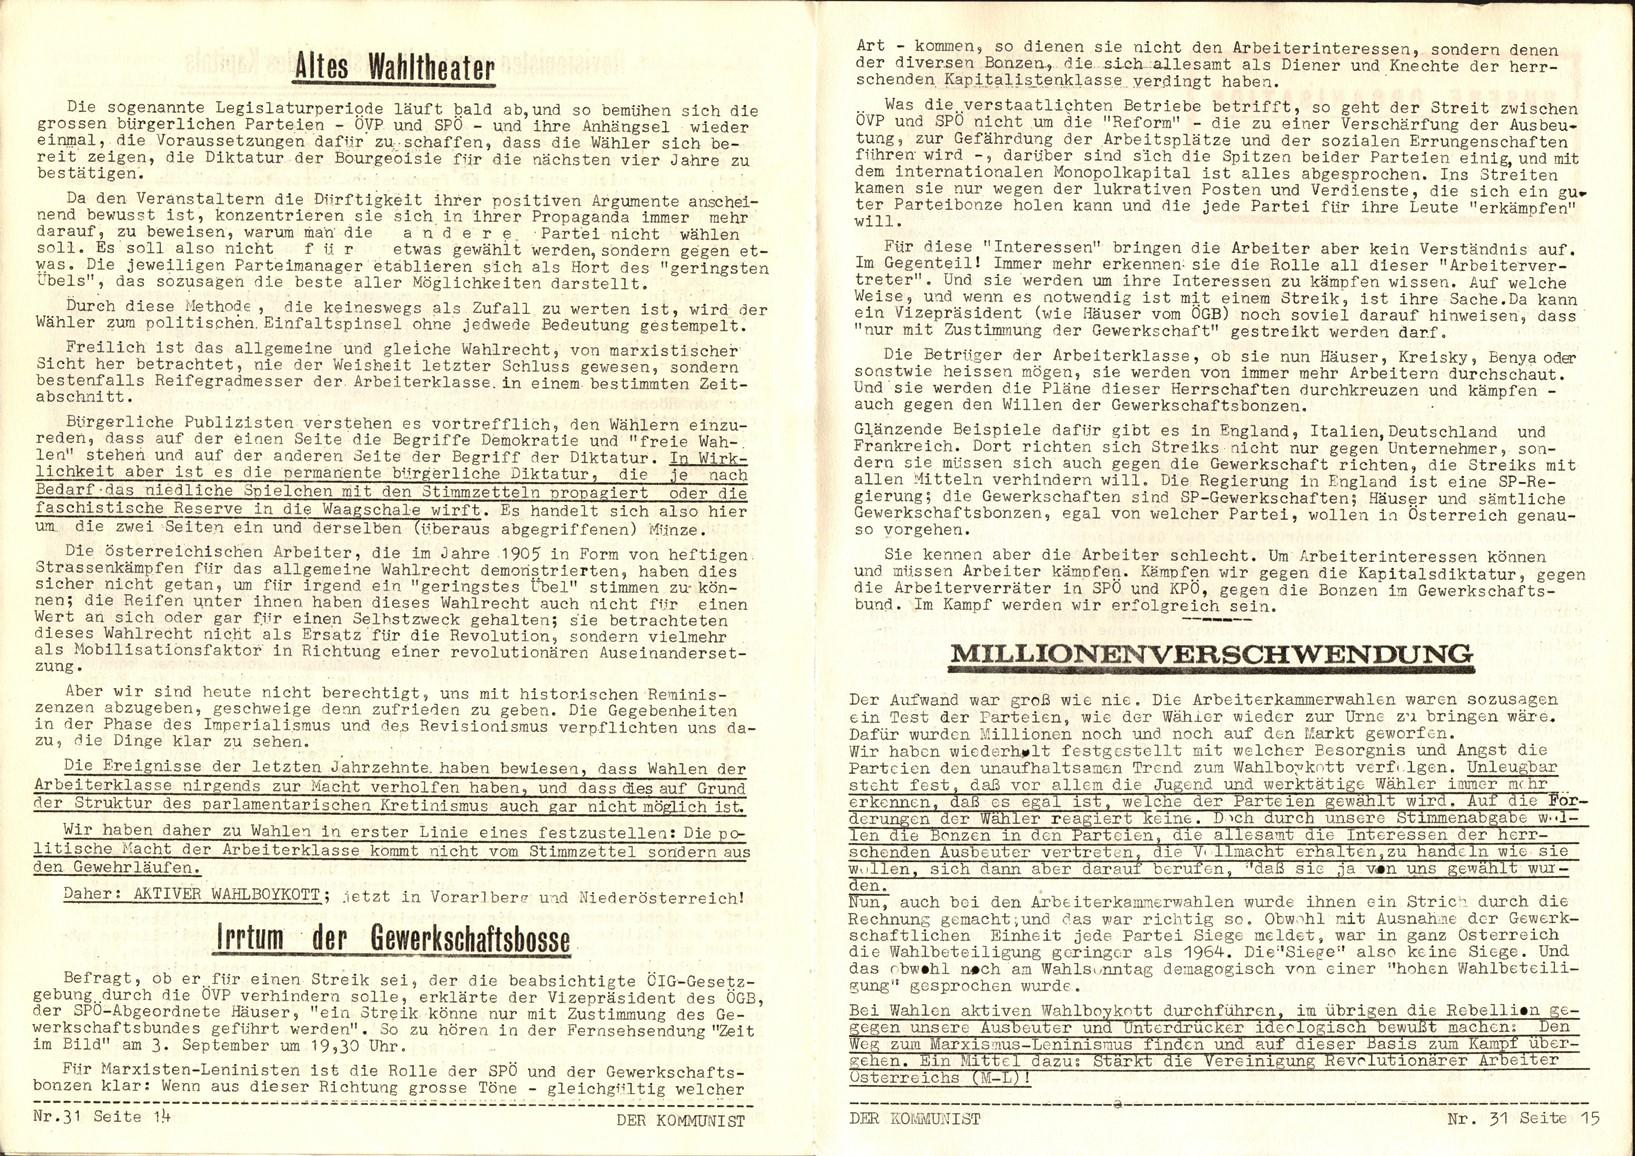 VRA_Der_Kommunist_19690900_08